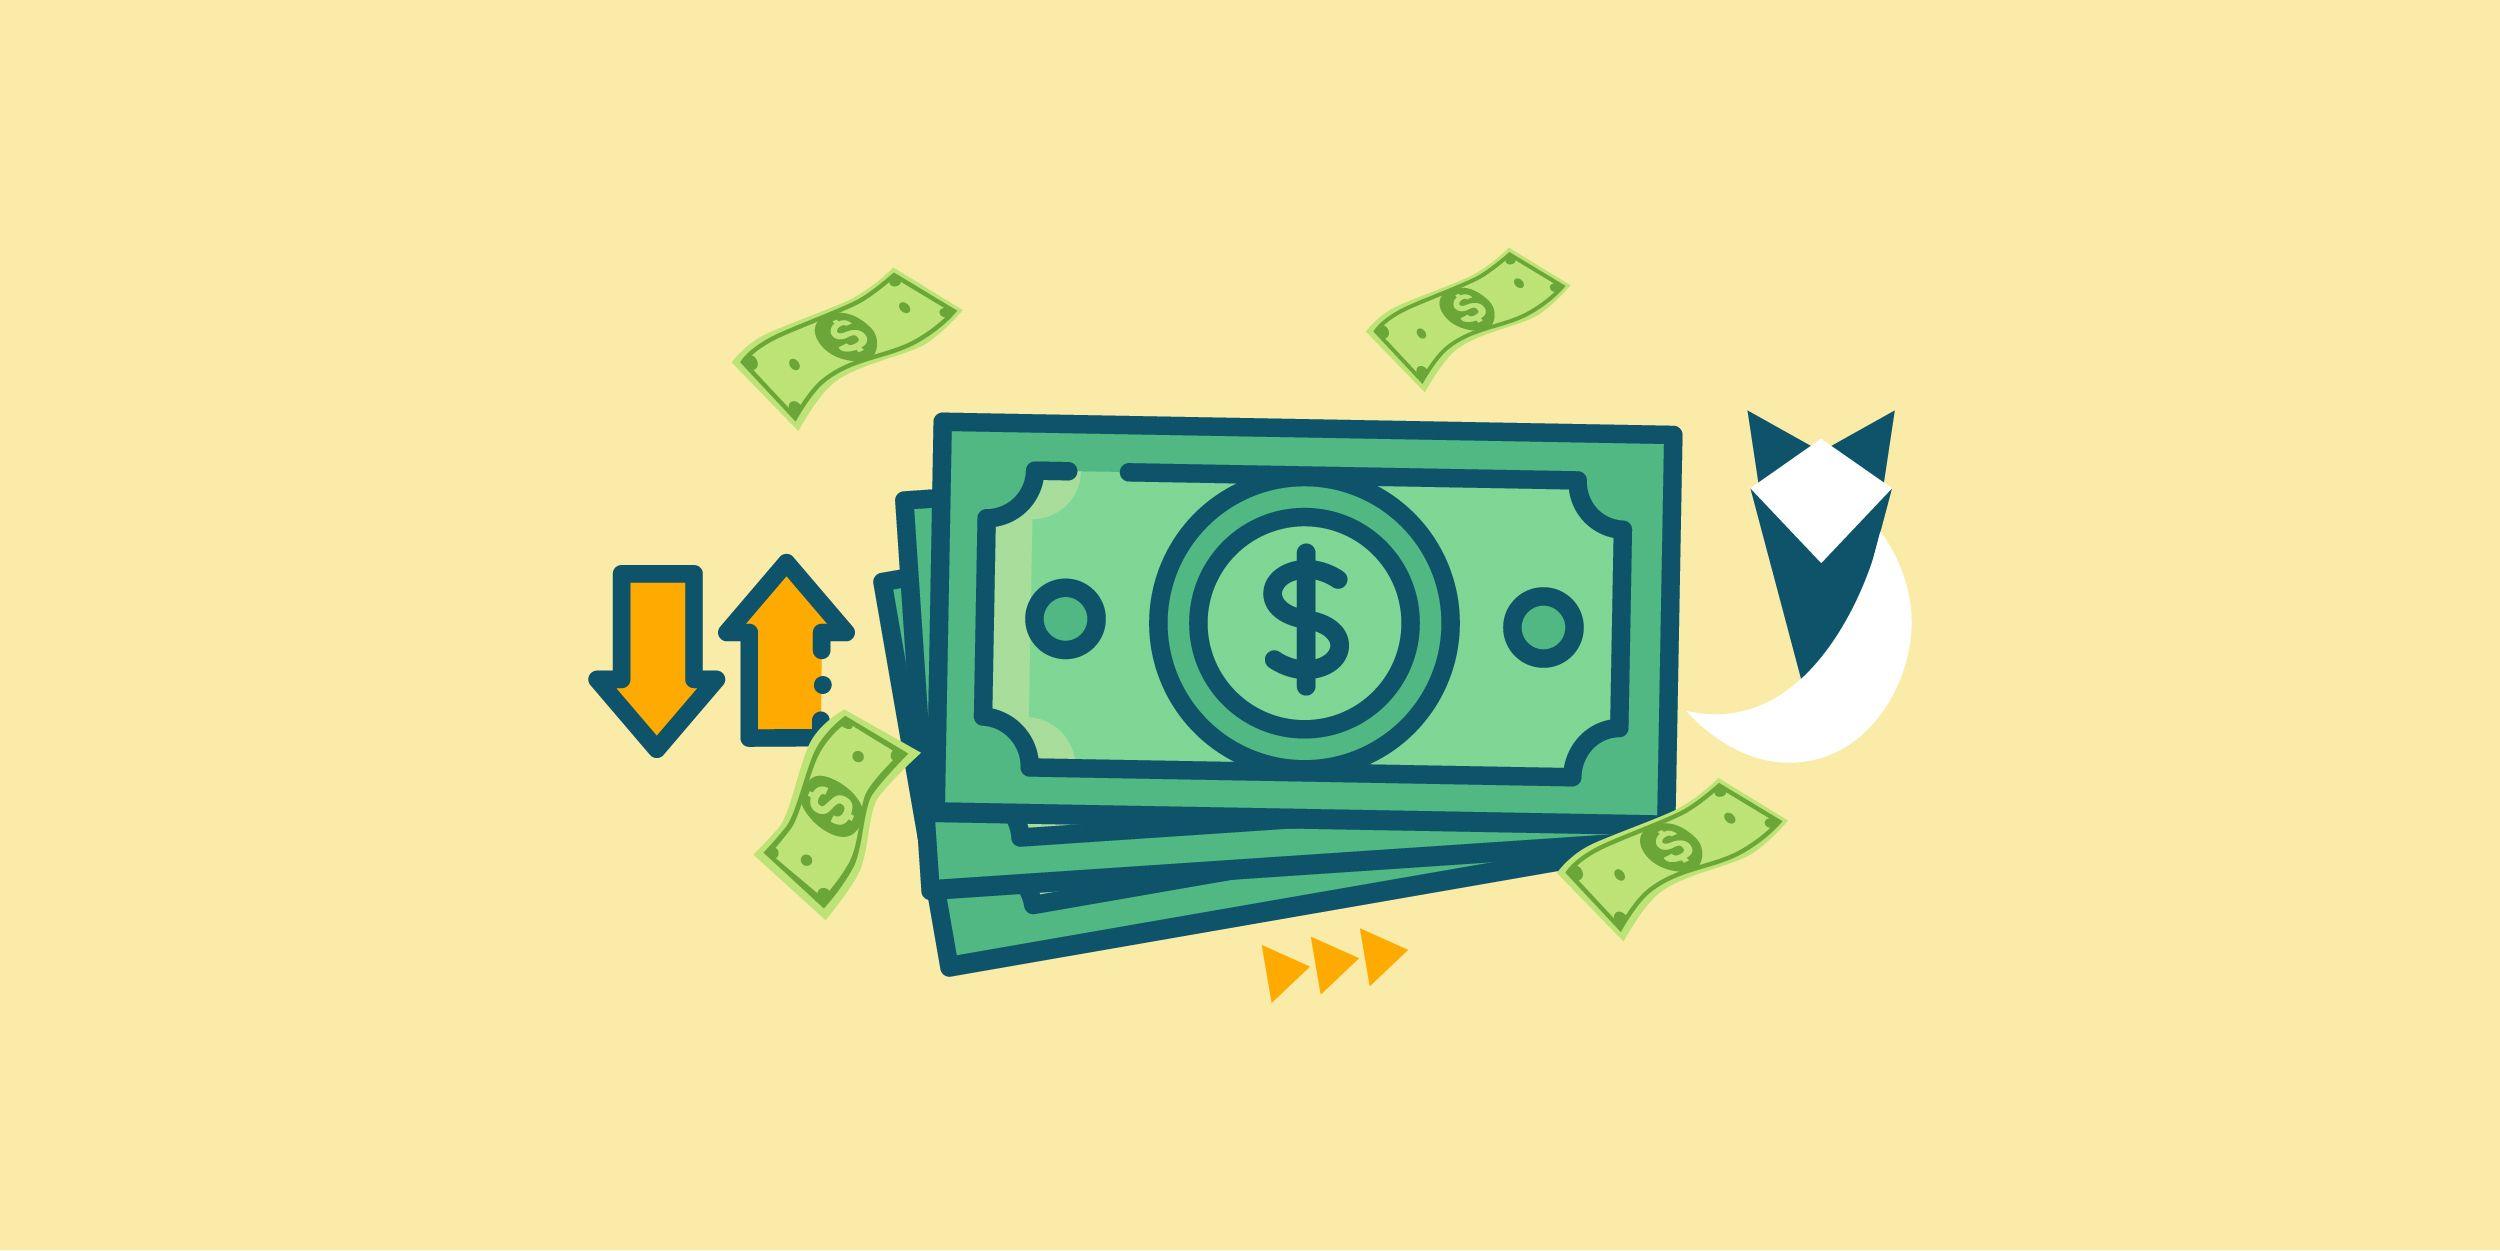 سعر الدولار اليوم فى البنوك المصرية اليوم 16  أغسطس 2021